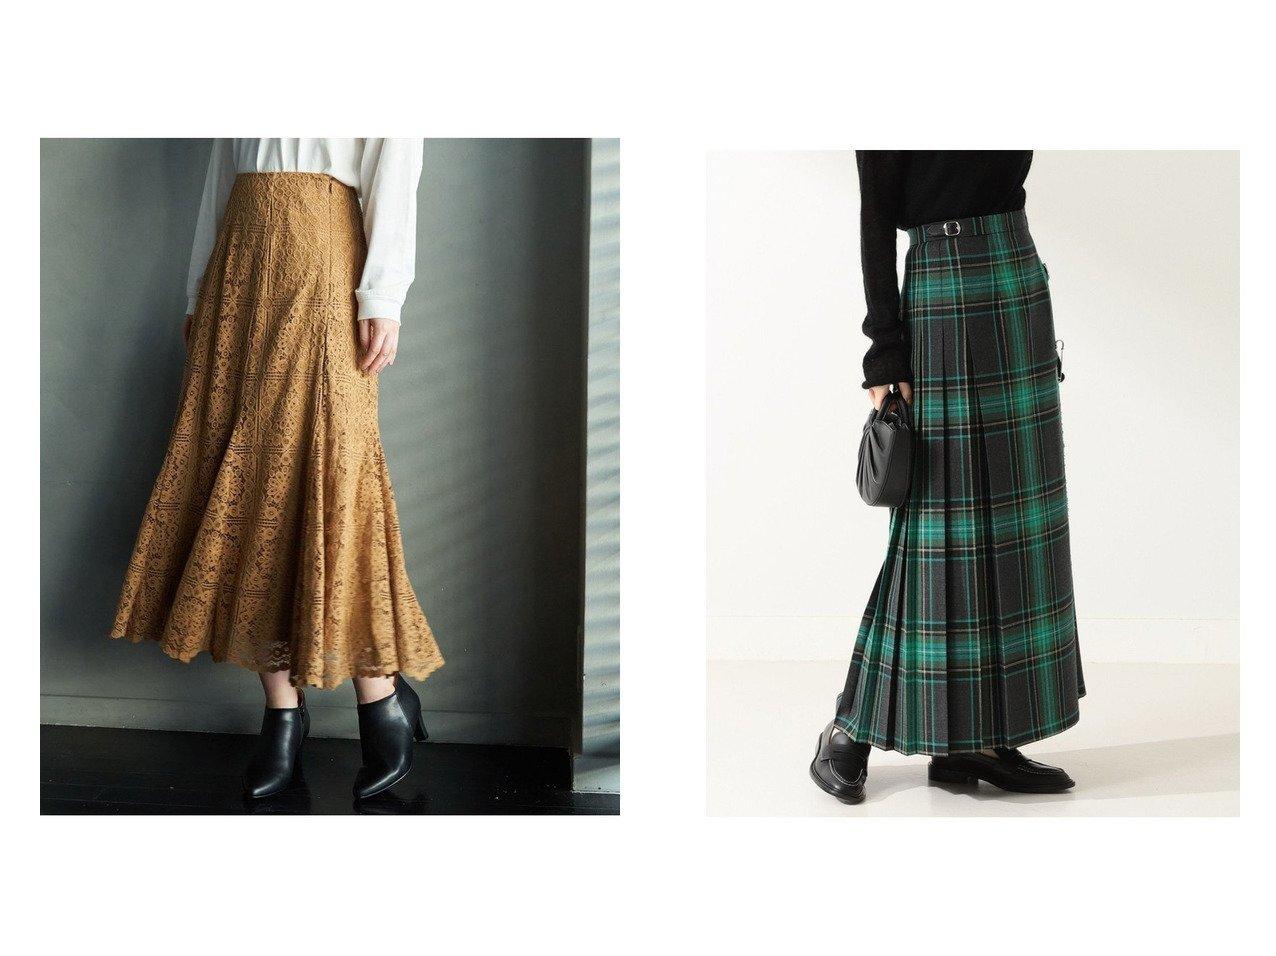 【Rope Picnic/ロペピクニック】のレースマーメイドスカート&【Demi-Luxe BEAMS/デミルクス ビームス】のMOYNALTY ロング キルトスカート スカートのおすすめ!人気、レディースファッションの通販 おすすめで人気のファッション通販商品 インテリア・家具・キッズファッション・メンズファッション・レディースファッション・服の通販 founy(ファニー) https://founy.com/ ファッション Fashion レディース WOMEN スカート Skirt ロングスカート Long Skirt エレガント ショート ドレープ ポケット マーメイド レース ロング 秋 キルト チェック モダン |ID:crp329100000002709